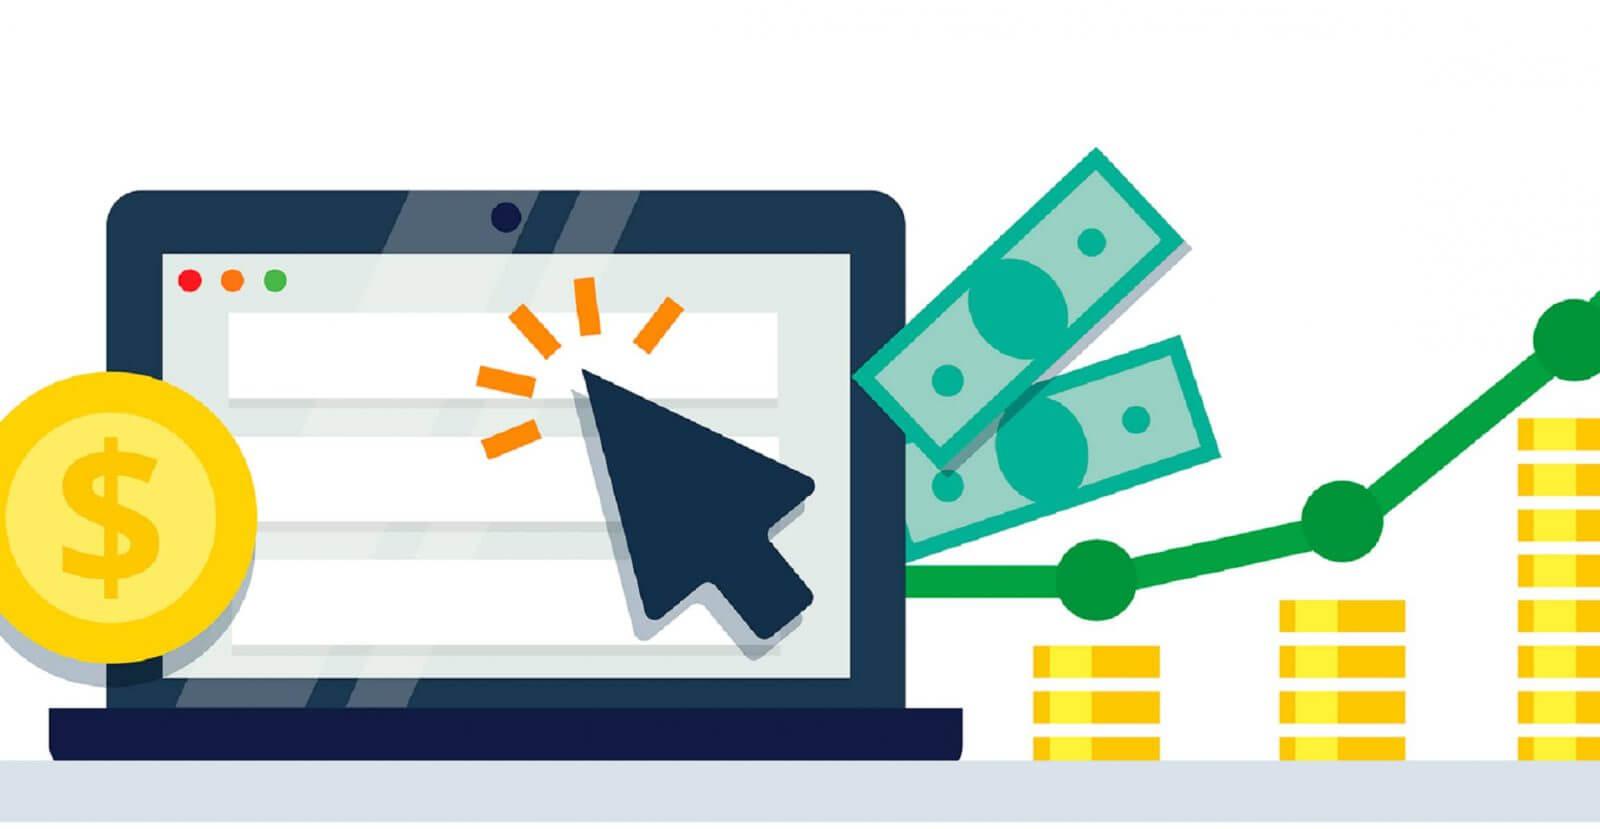 افزایش درآمد از طریق افزایش بازدید گوگل